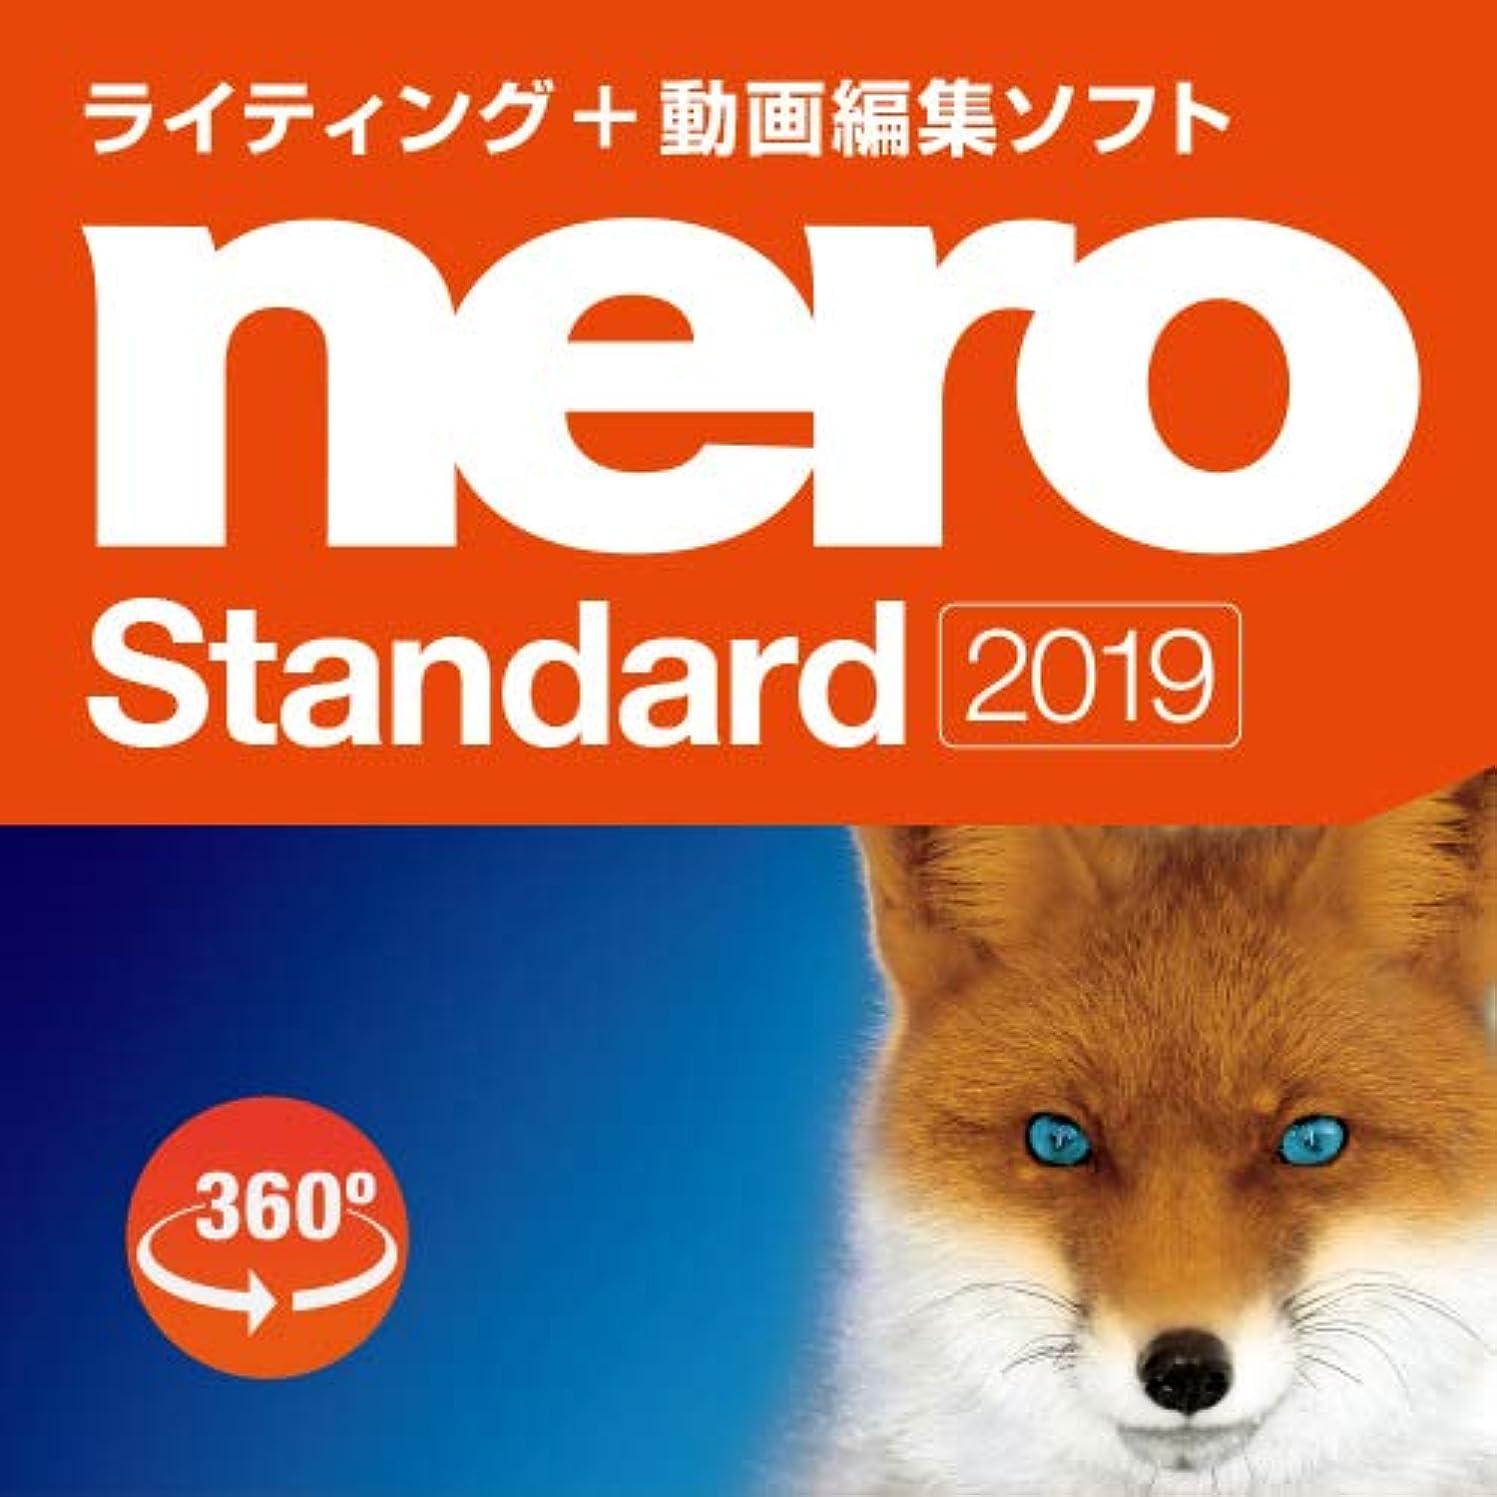 浸すくそーリードNero Standard 2019|ダウンロード版